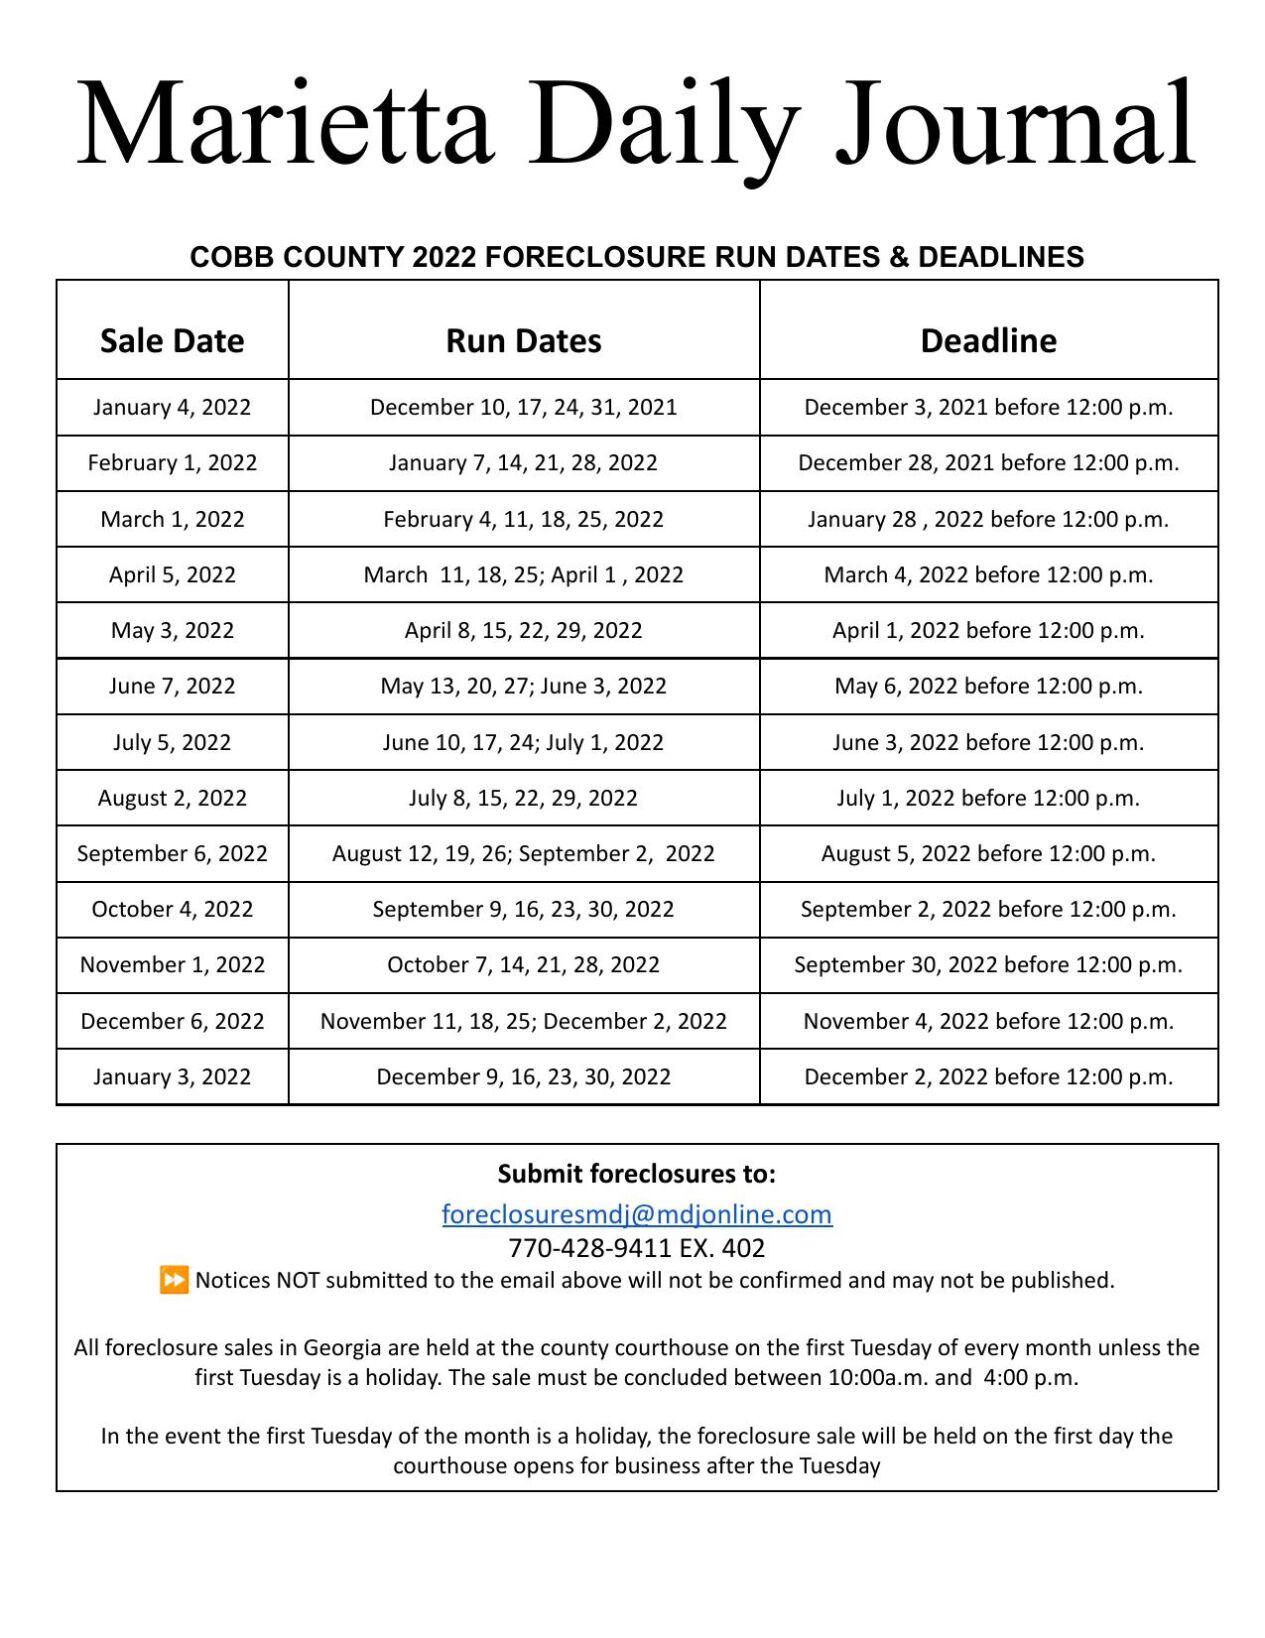 _Marietta 2022 Foreclosure Deadlines.pdf